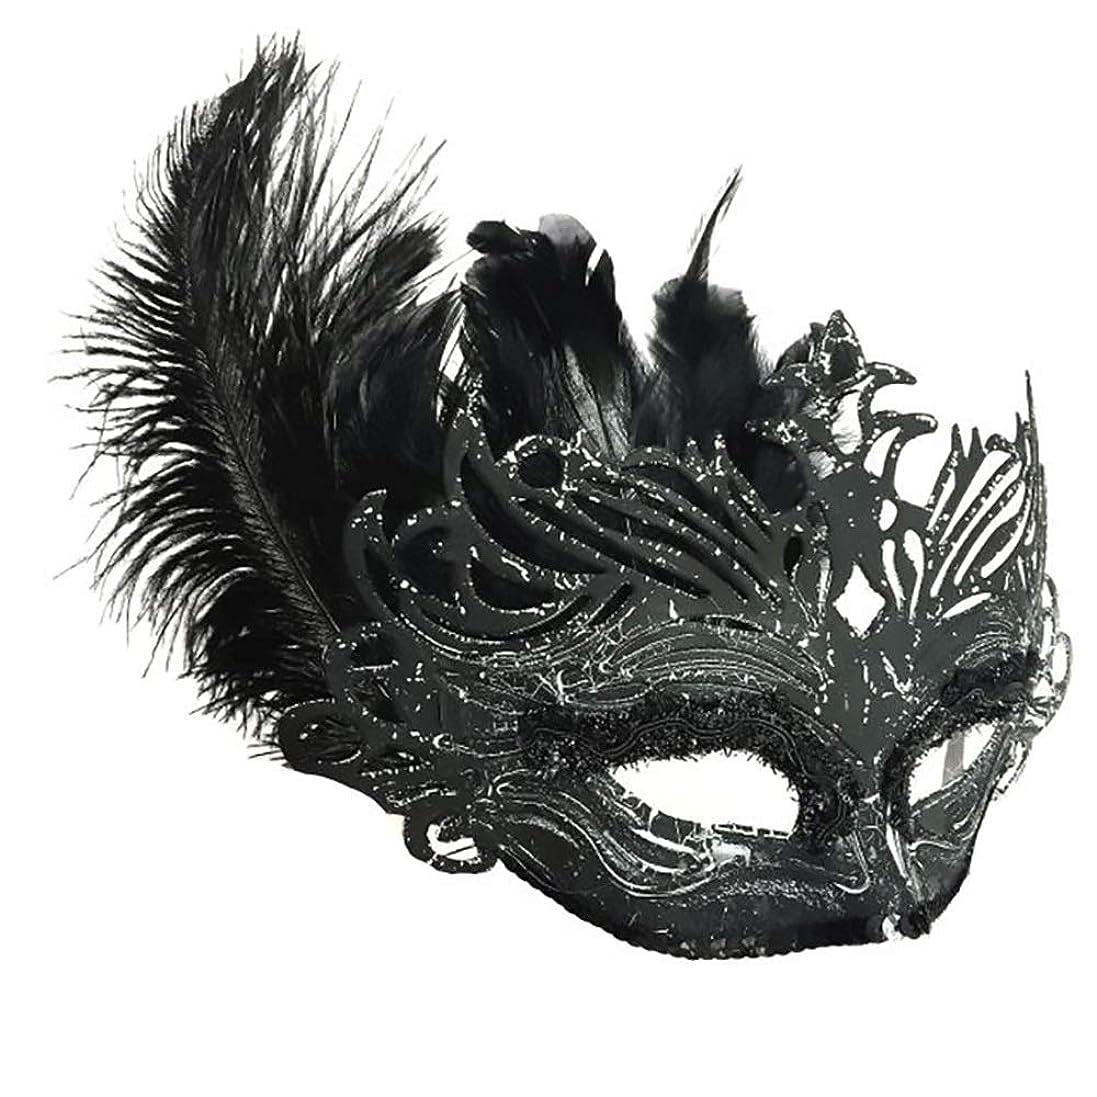 運搬好奇心盛首尾一貫したNanle Halloween Ornate Blackコロンビーナフェザーマスク (色 : 黒)